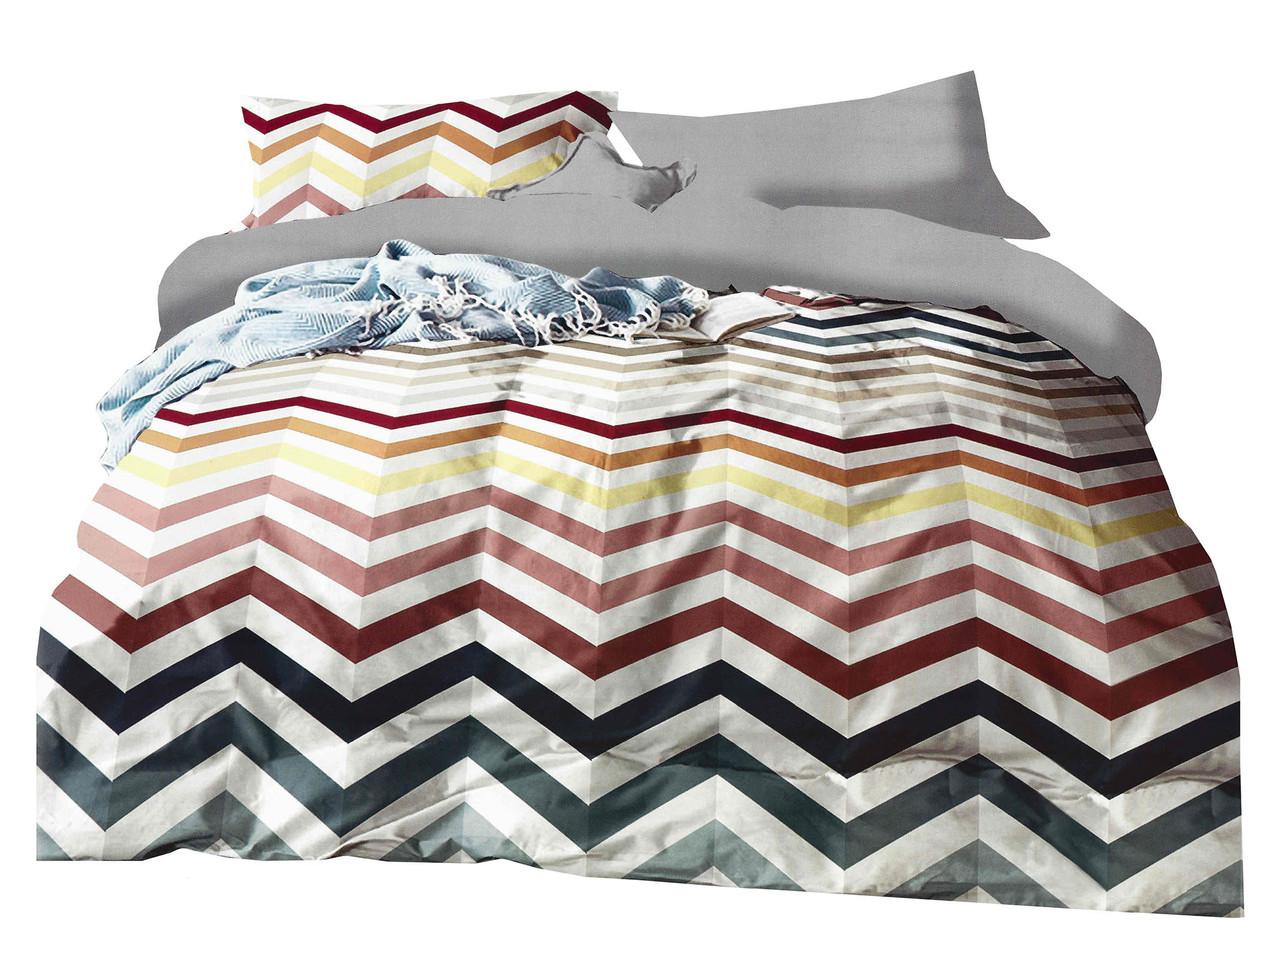 Комплект постельного белья Микроволокно HXDD-736 Collection World 9699 Разноцветный 200x220 см  40х60см